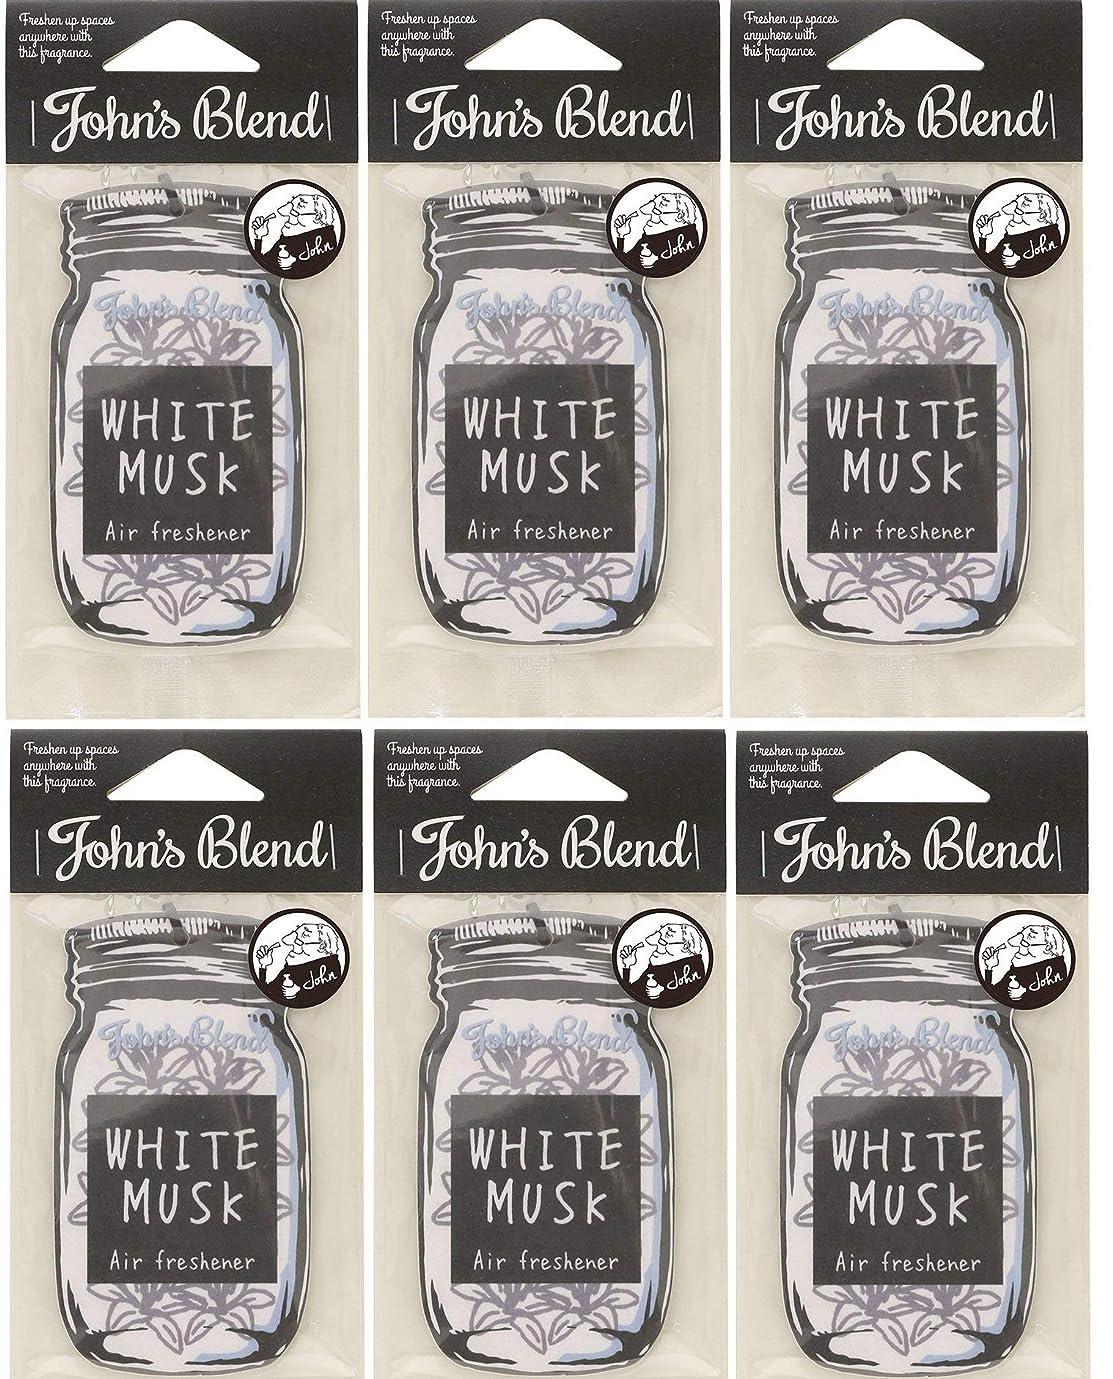 専門化する葉を集める独立【6個セット】John'sBlend エアーフレッシュナー WHITEMUSK ノルコーポレーション OAJON0101